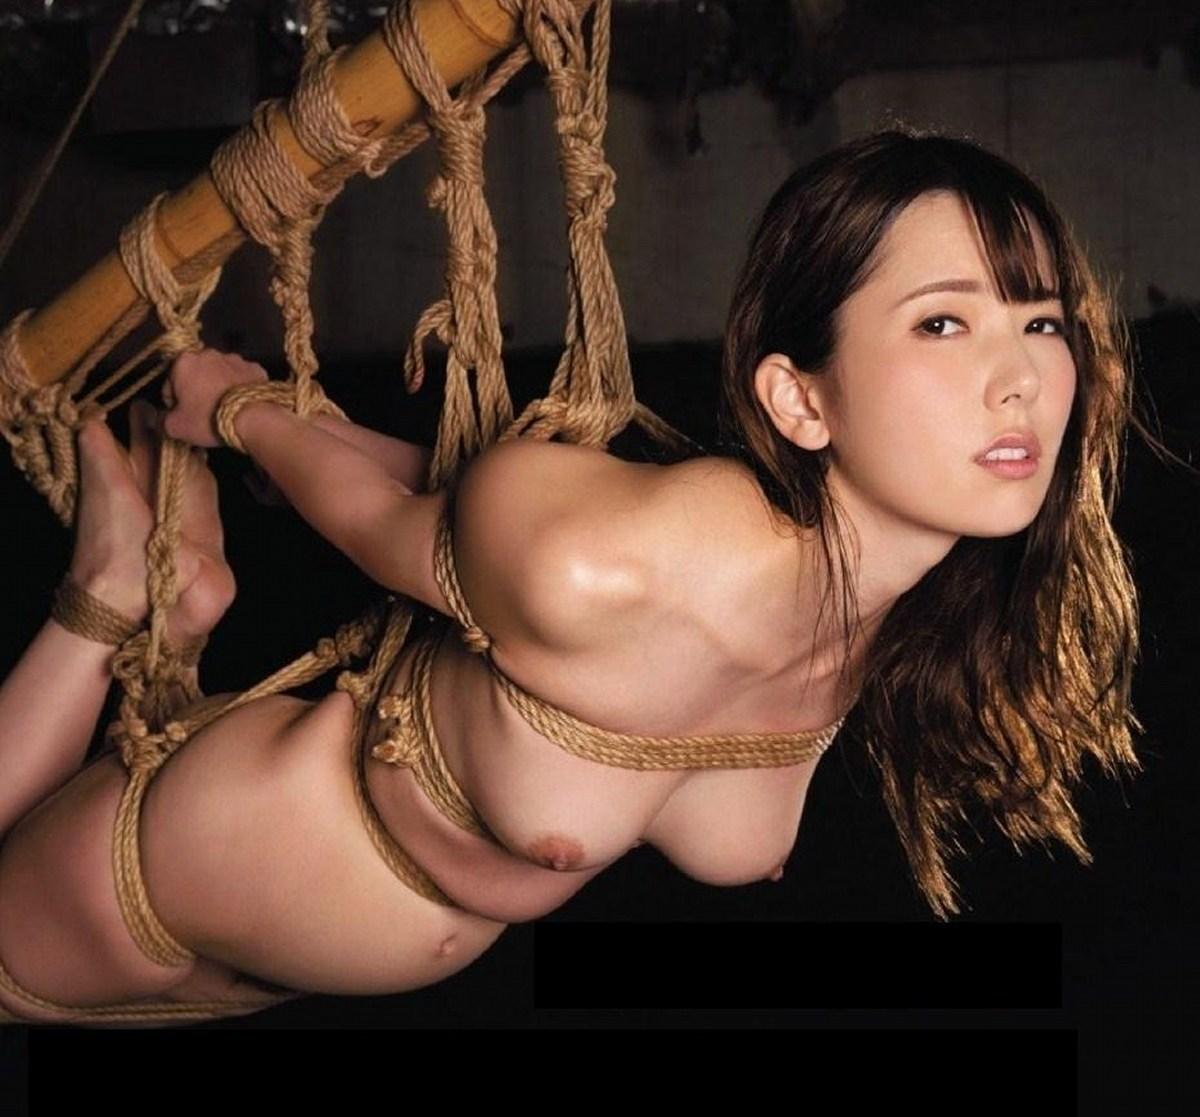 三次元 3次元 エロ画像 AV女優 波多野結衣 ヌード べっぴん娘通信 002